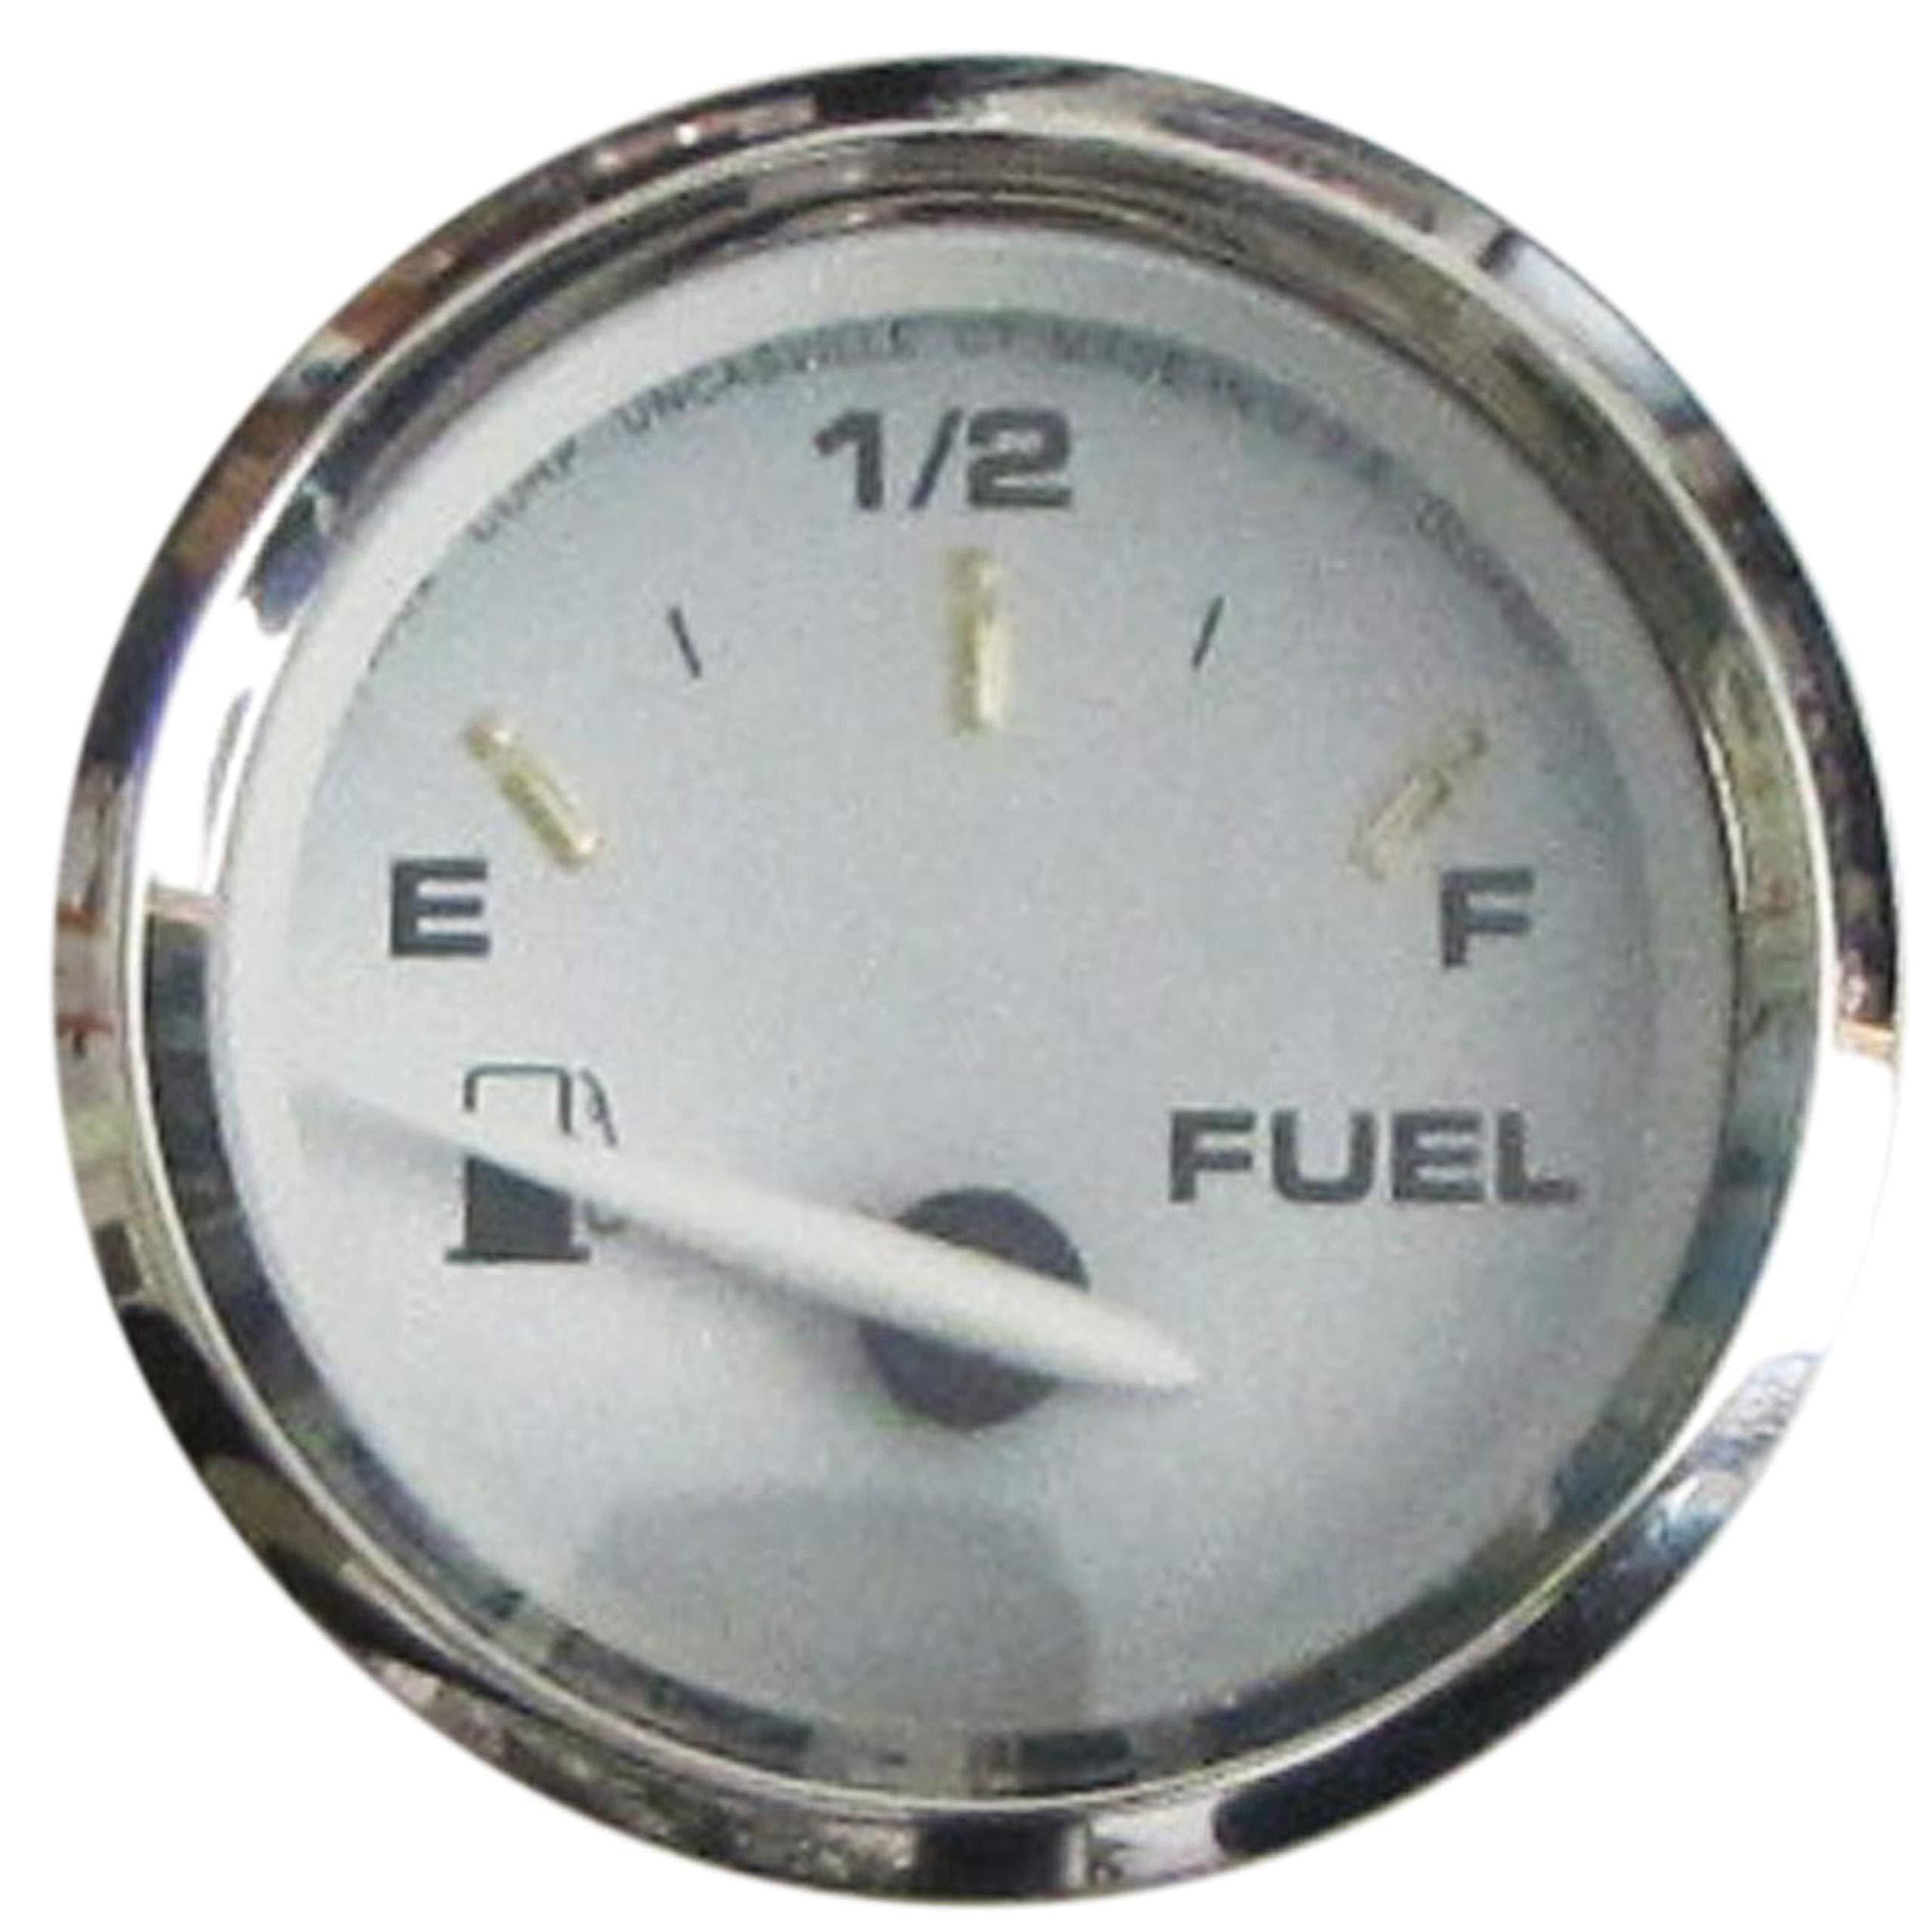 Faria 19001 Kronos Fuel Level Gauge